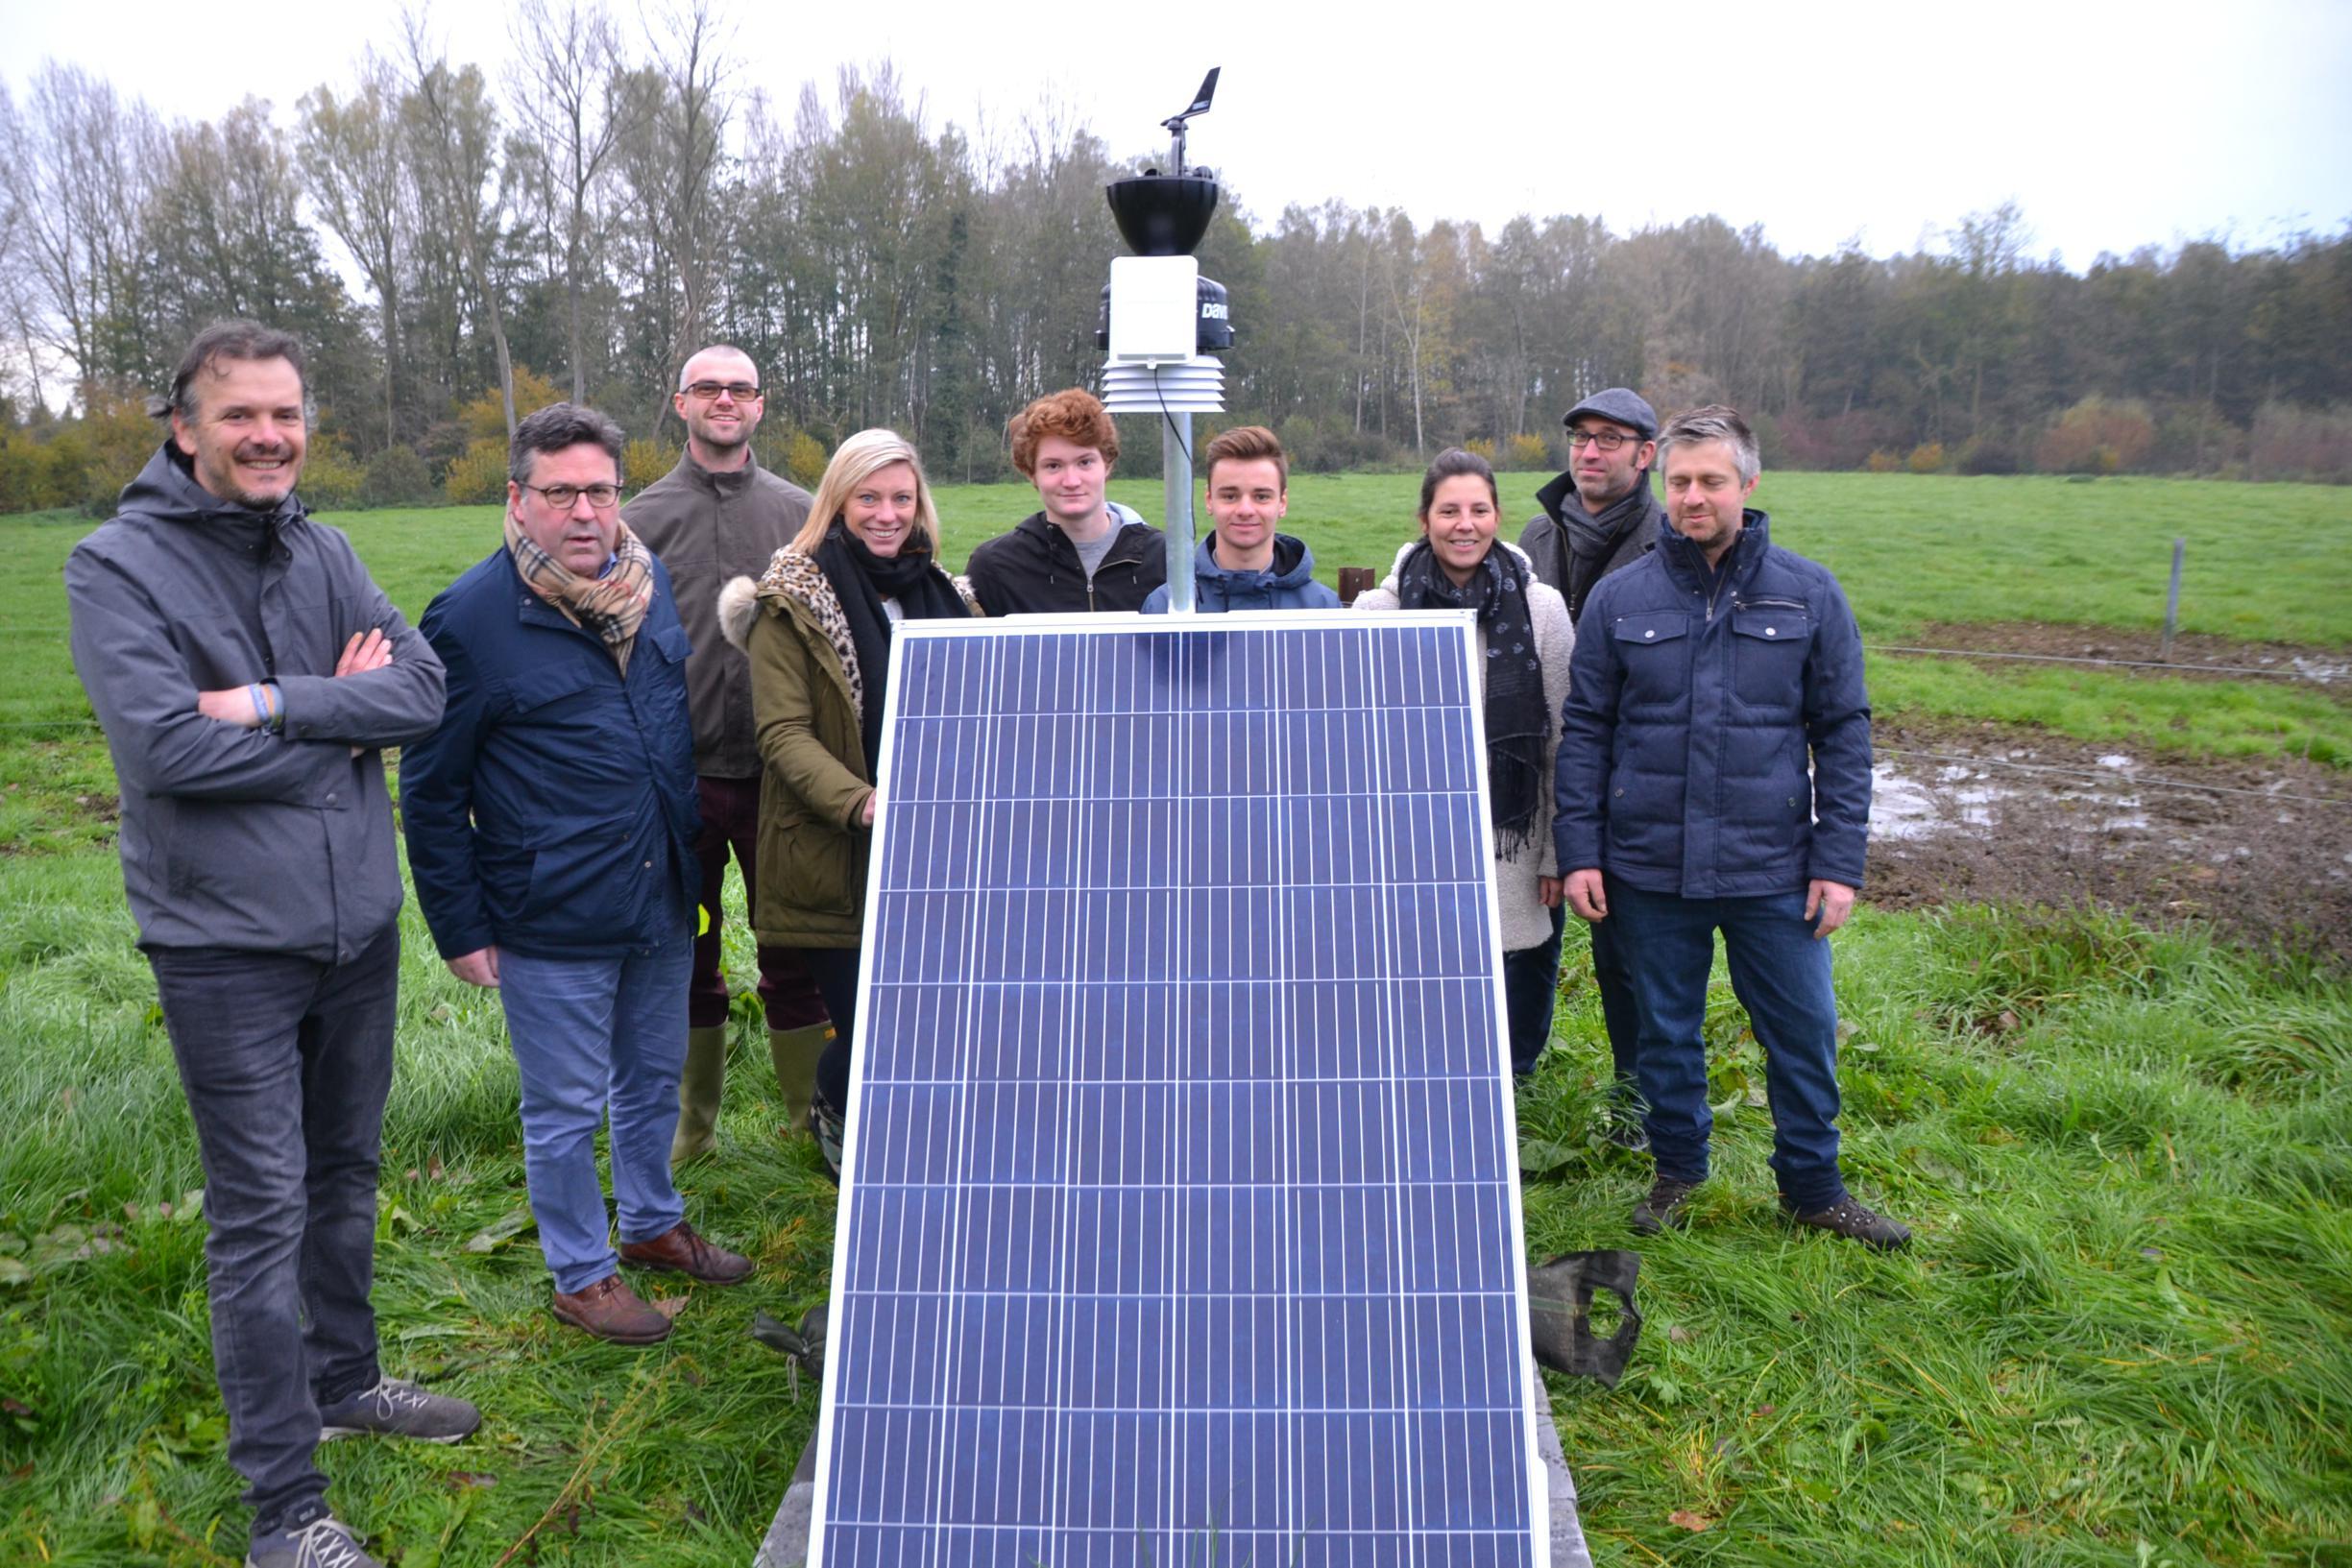 Leerlingen Sint-Martinus werkenmee aan meteorologisch onderzoek